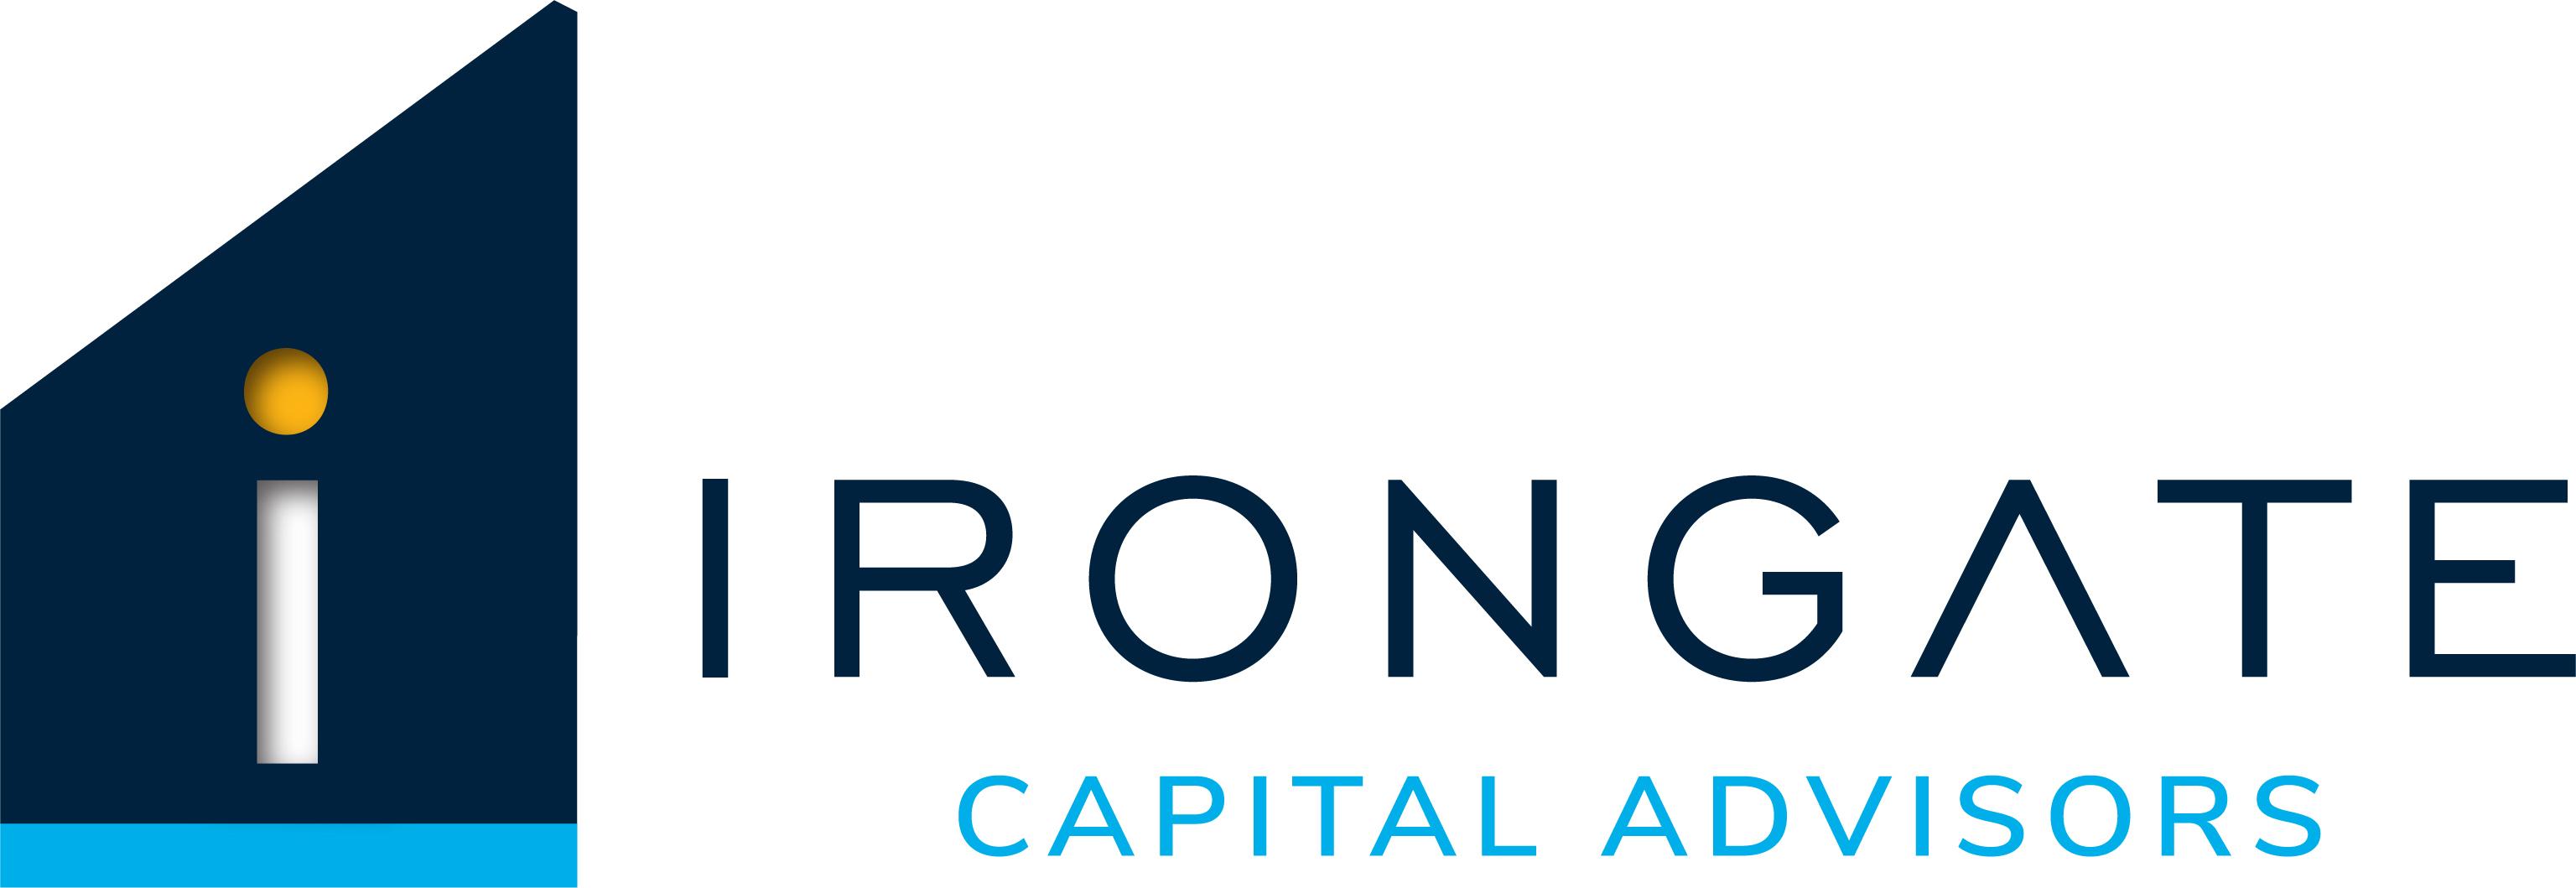 Irongate Capital Advisors, LLC